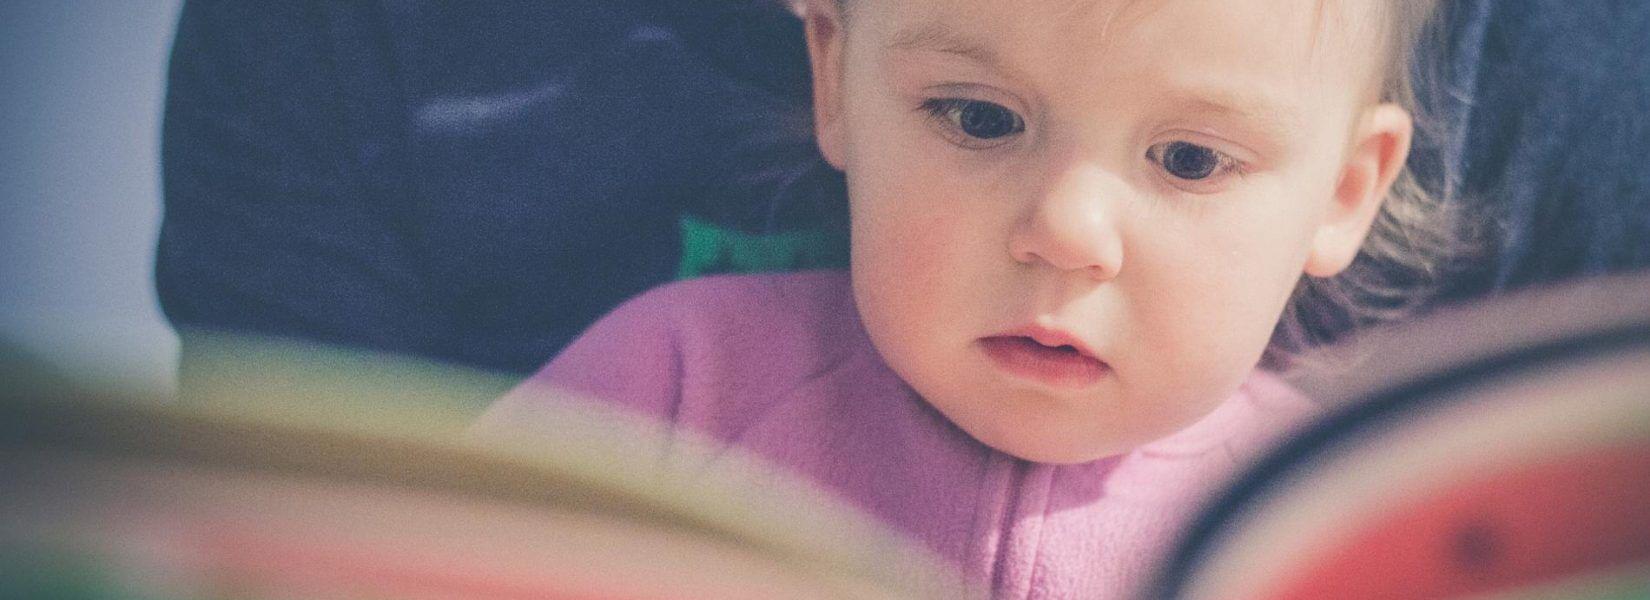 Γιατί τα παιδικά βιβλία που αγγίζουν κοινωνικά θέματα είναι πιο δημοφιλή από ποτέ;